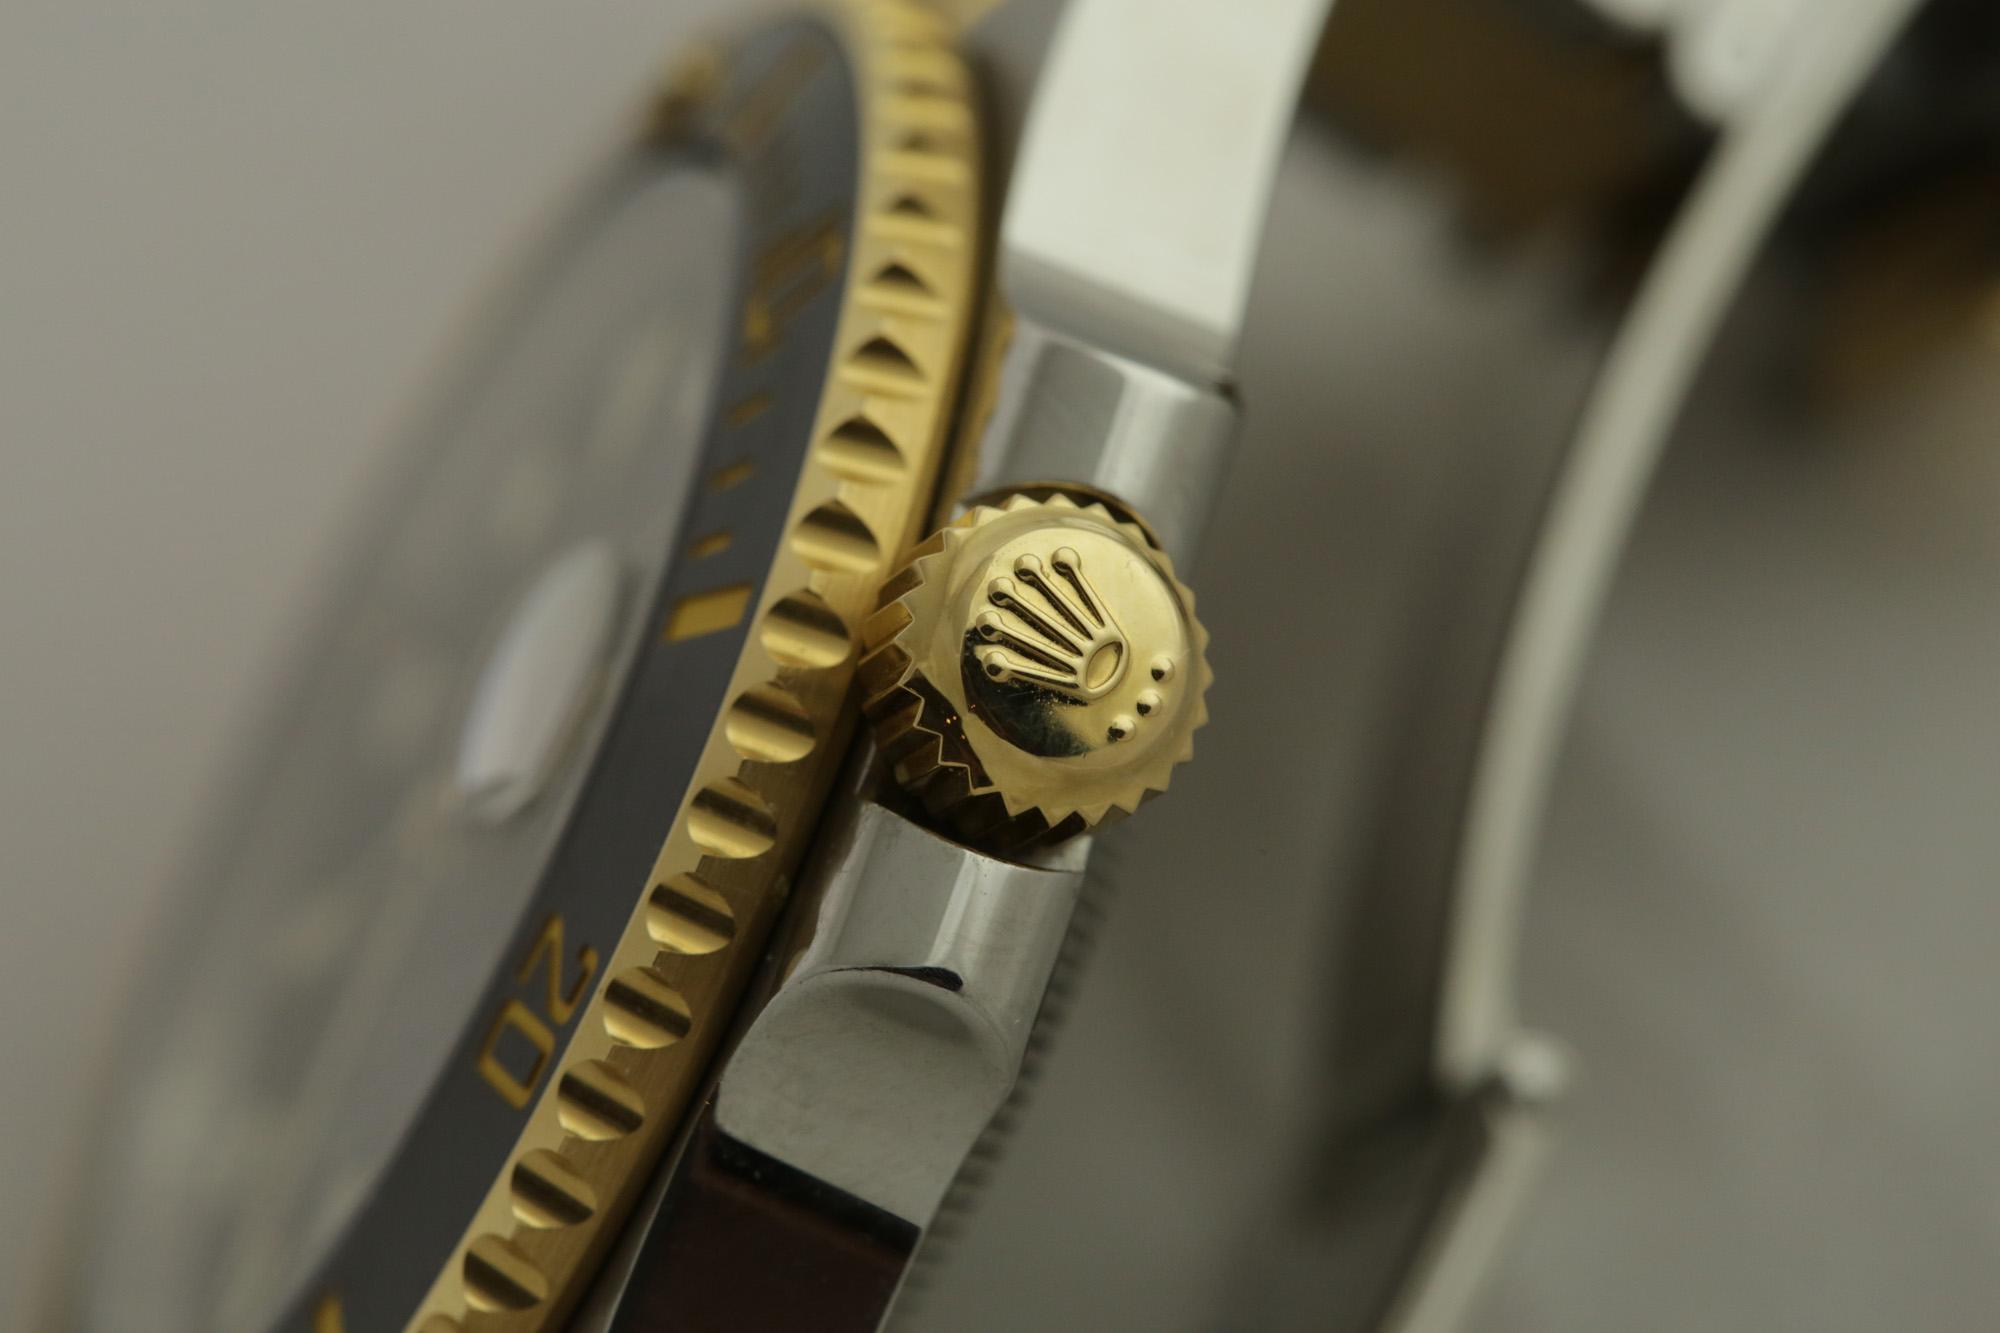 Rolex Submariner Date (Ref. 116613LN) - Rolex Crown